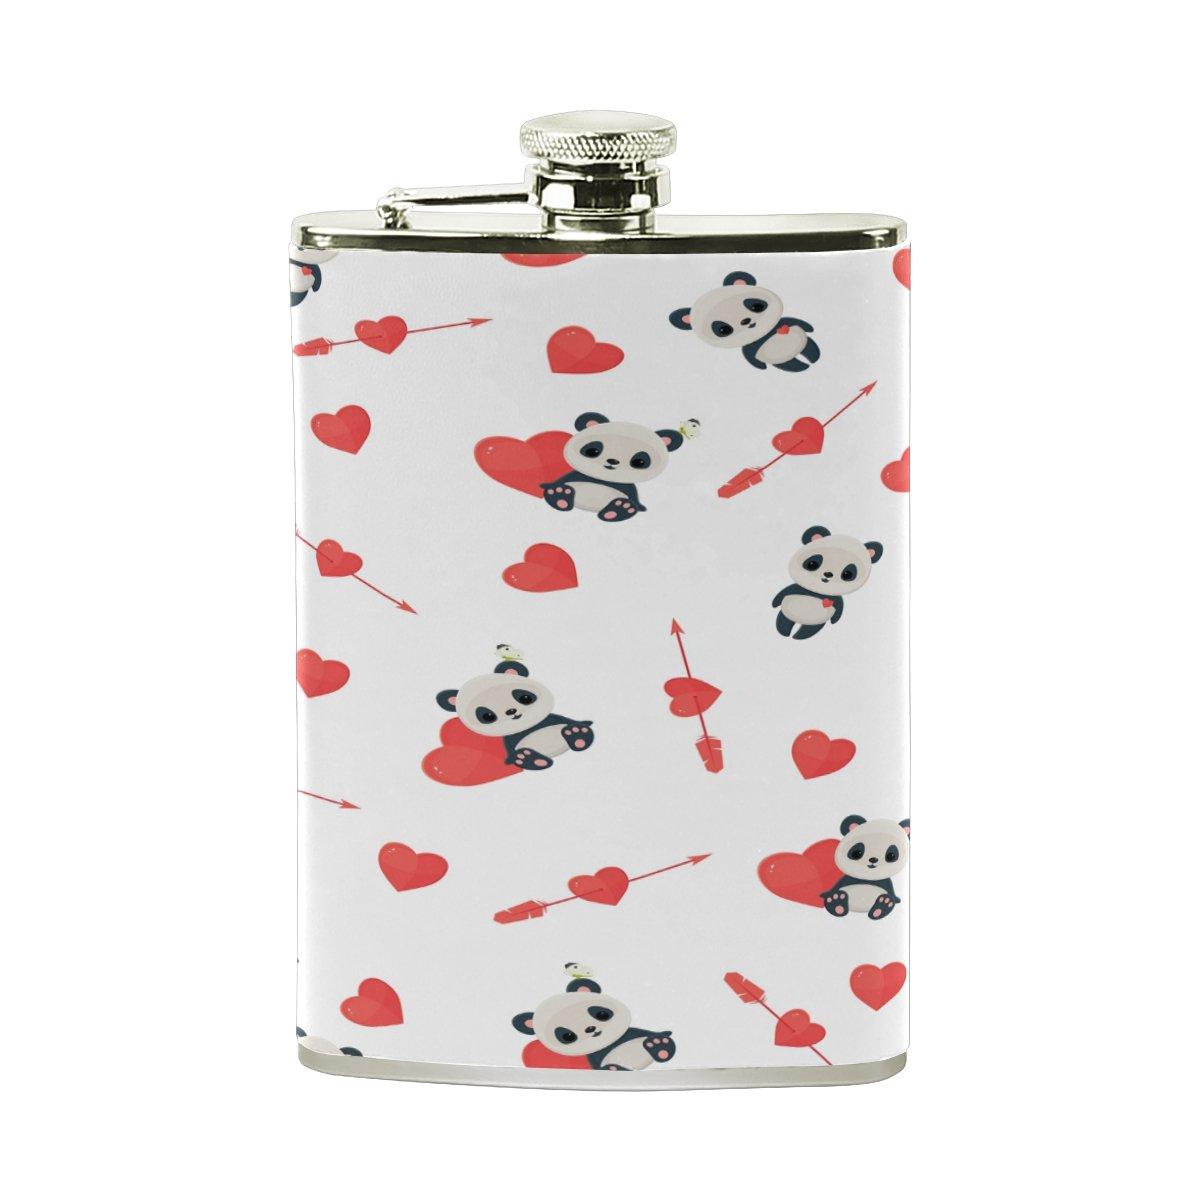 注目 Alaza Alaza Proof Panda Loveヒップフラスコステンレススチール8オンスポケットショットのフラスコLiquor B075ZS76FD Whiskey VodkaラムPUレザーWrapped 100 % Leak Proof B075ZS76FD, スーツケース専門店Koffer Garage:be8a2ccf --- a0267596.xsph.ru